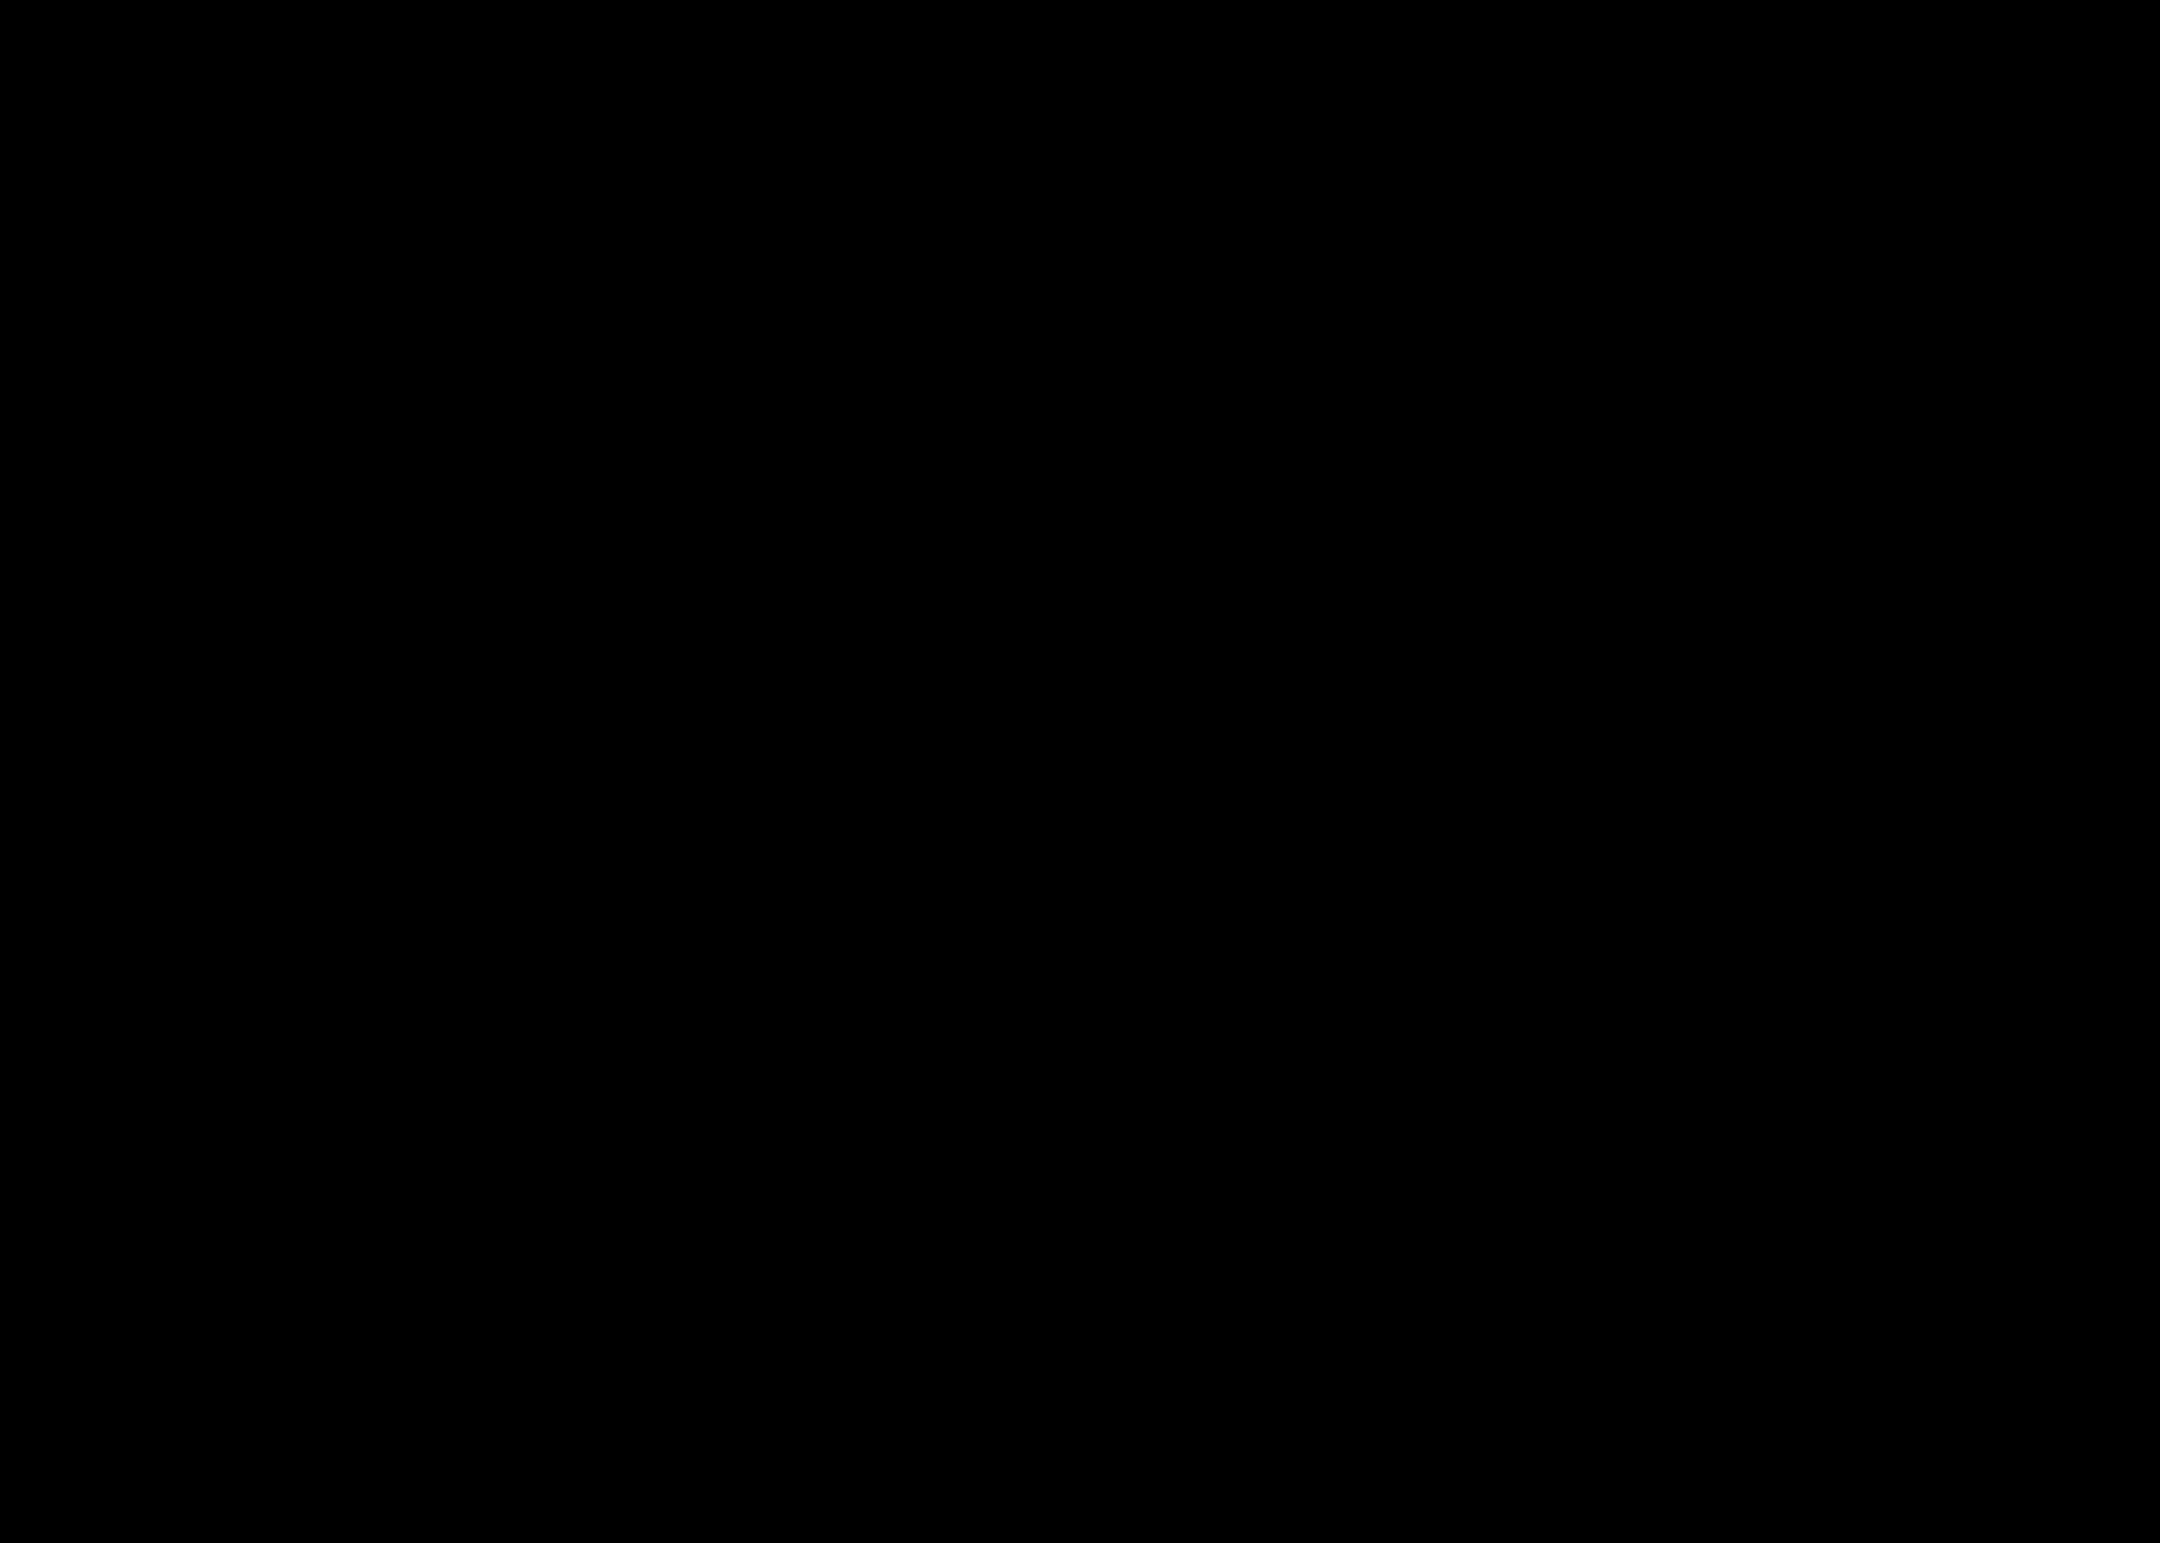 C E logo 1 - C E Logo